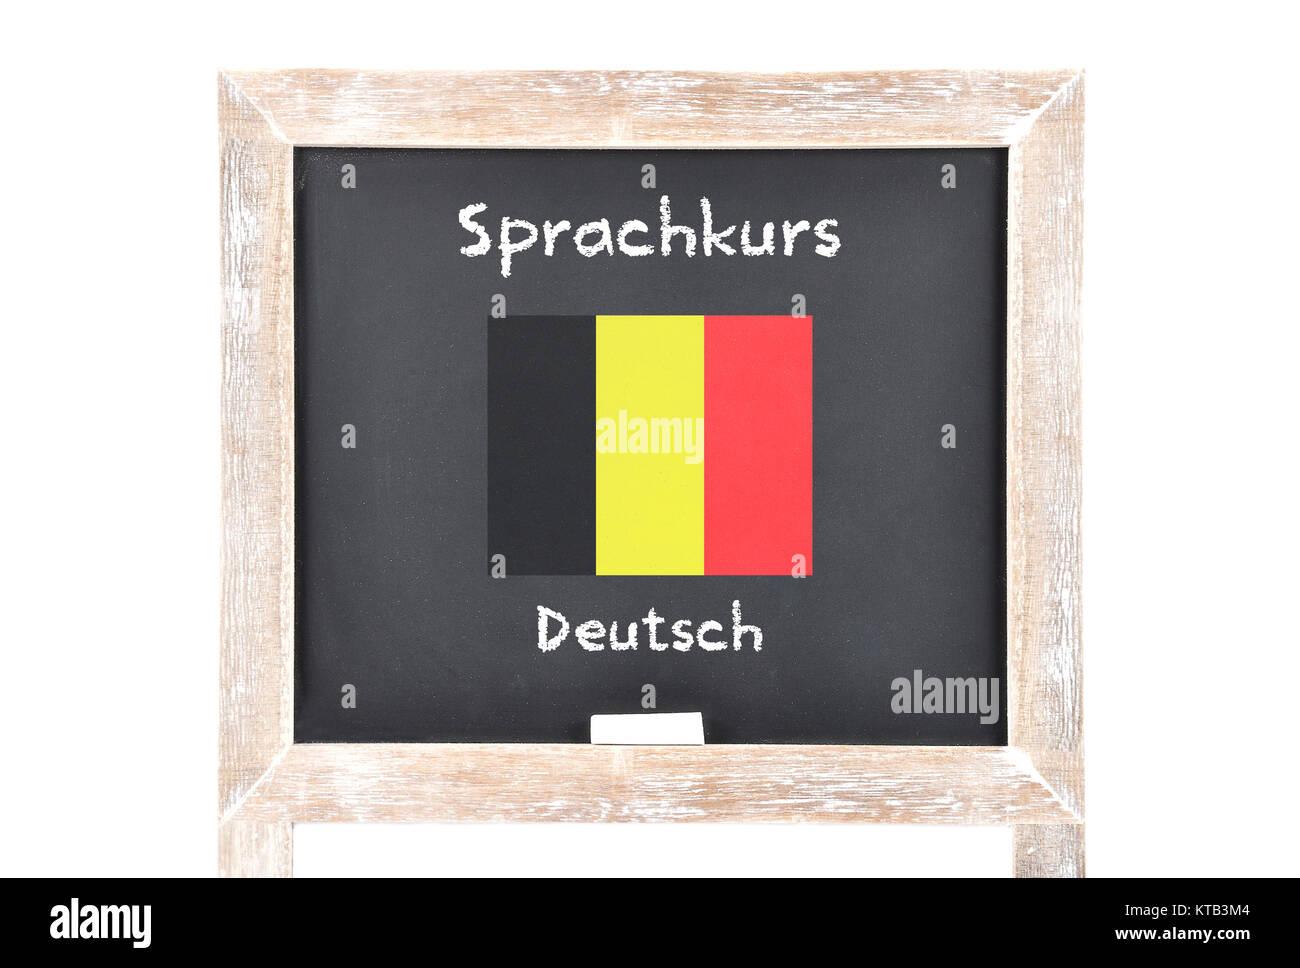 Sprachkurs mit Flagge auf Tafel Stock Photo